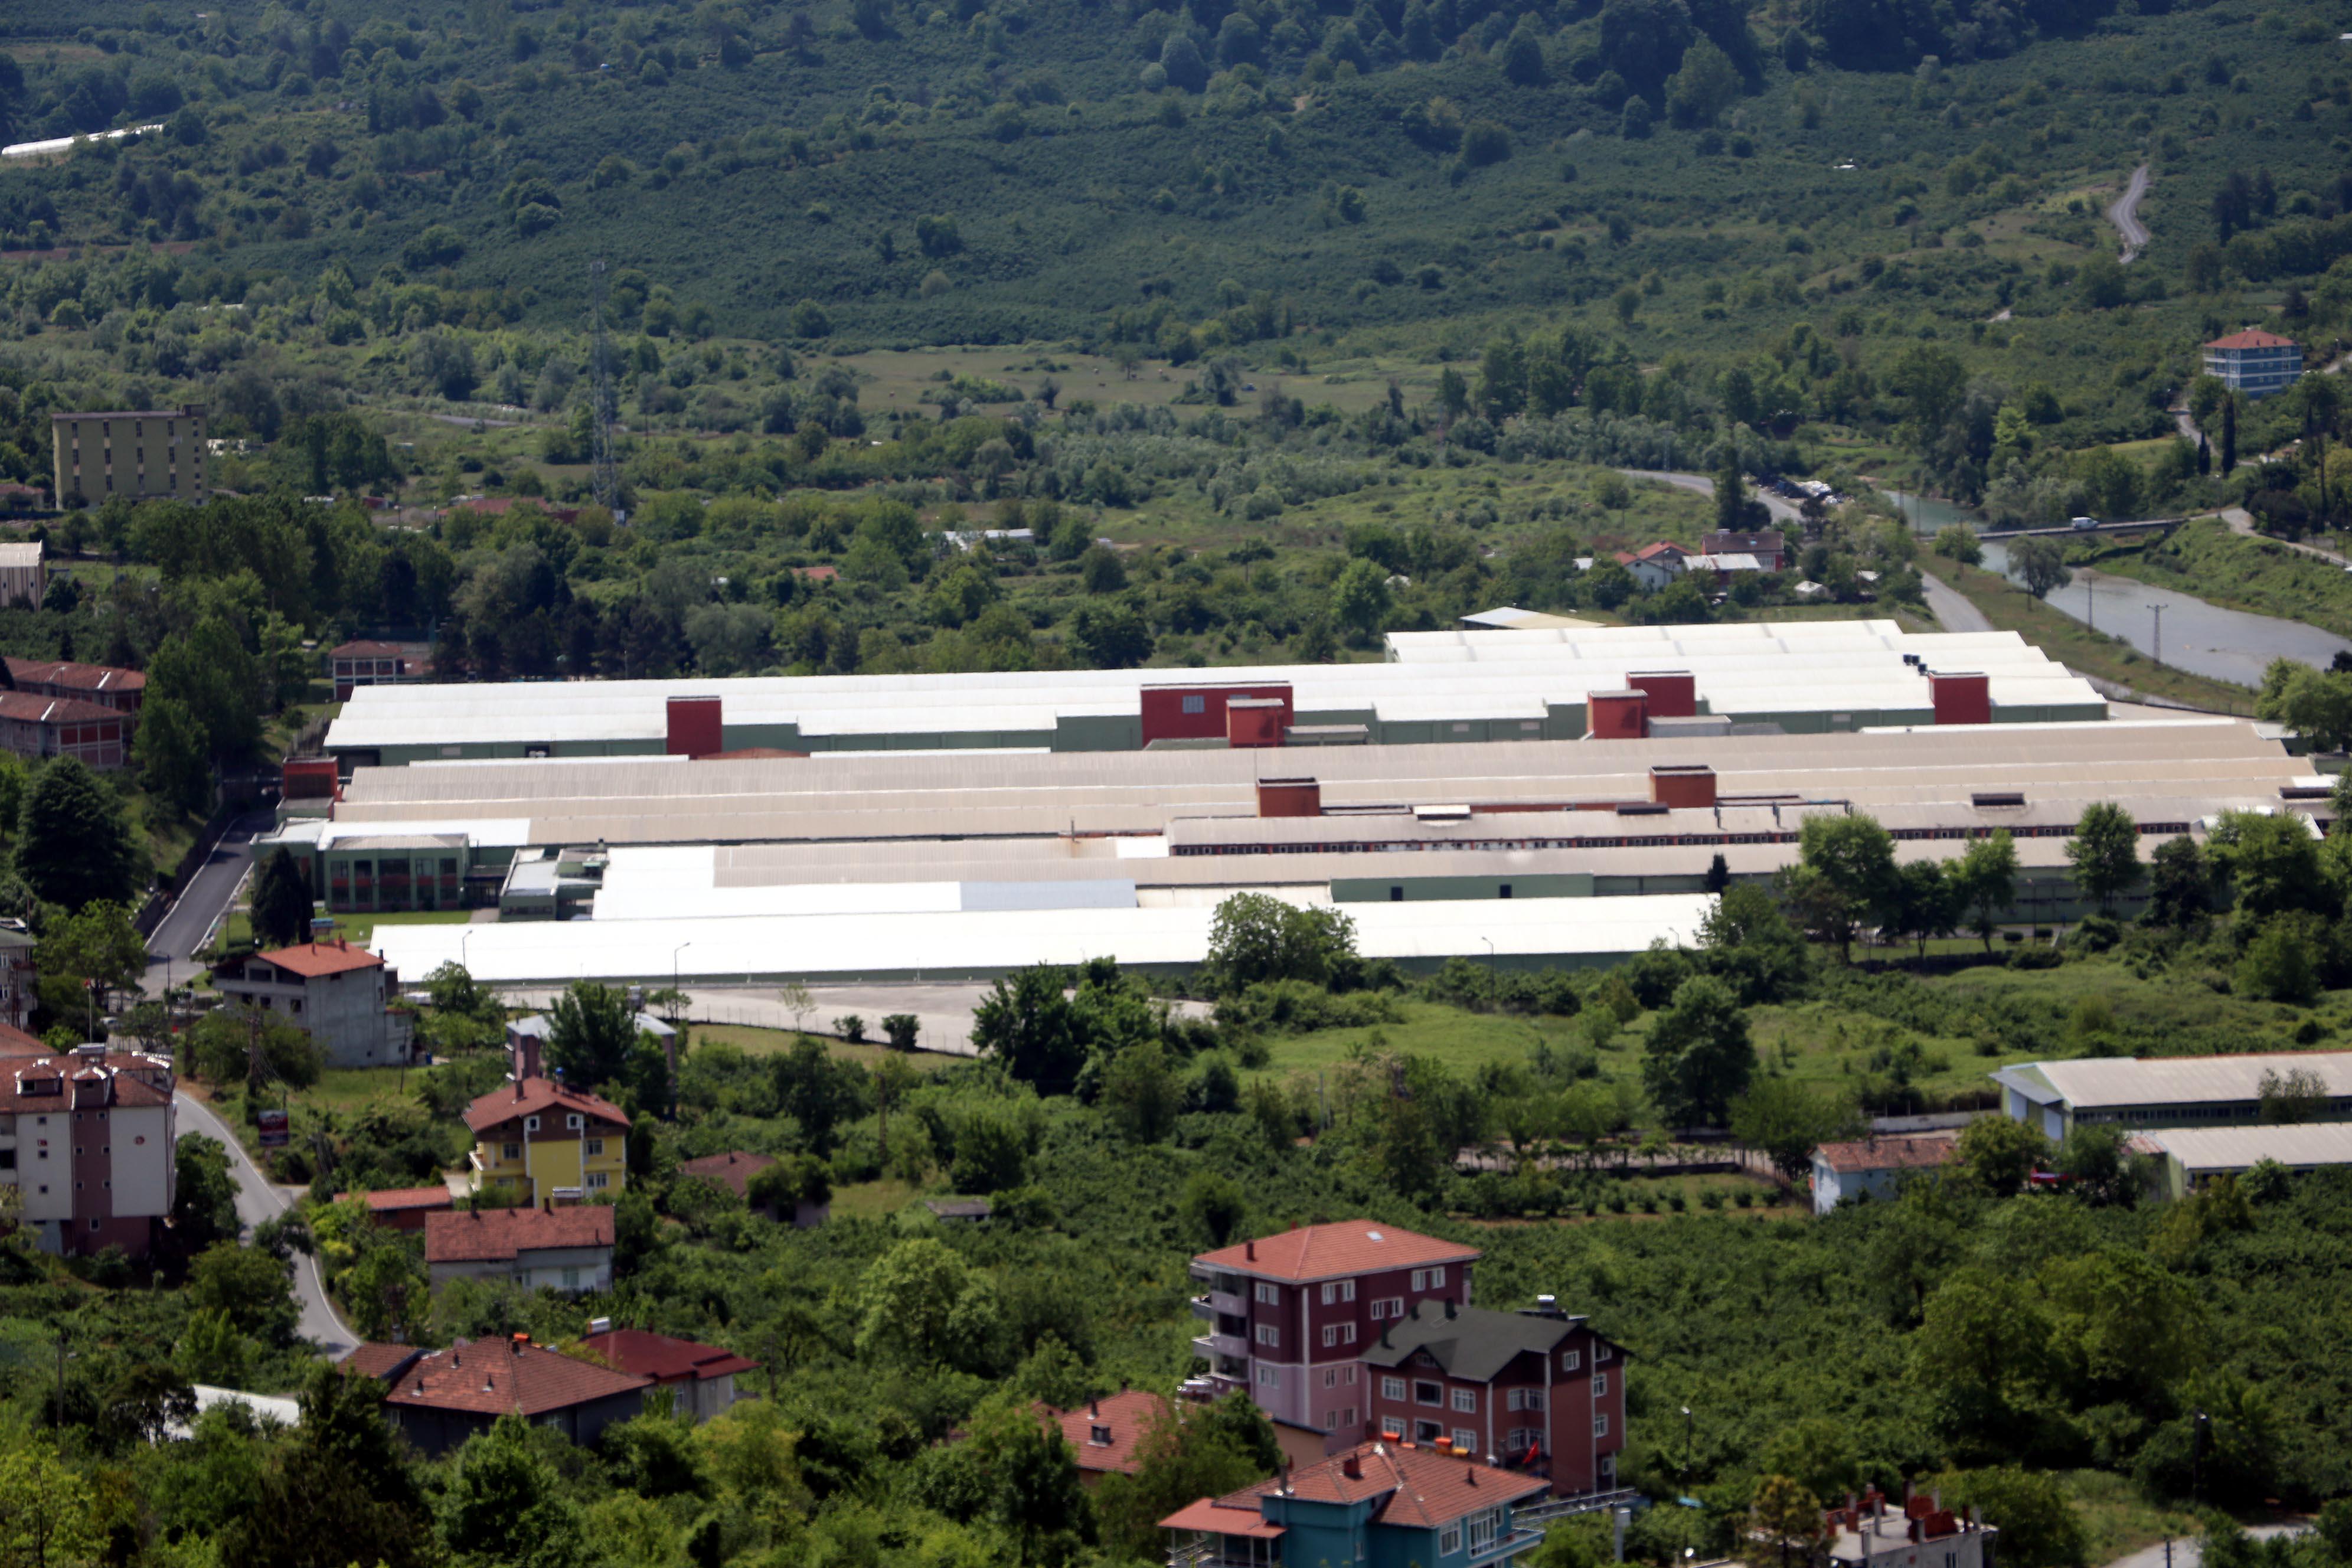 Zongulda'taki iplik fabrikasında koronavirüs testi pozitif çıkan işçi sayısı 13'e yükseldi